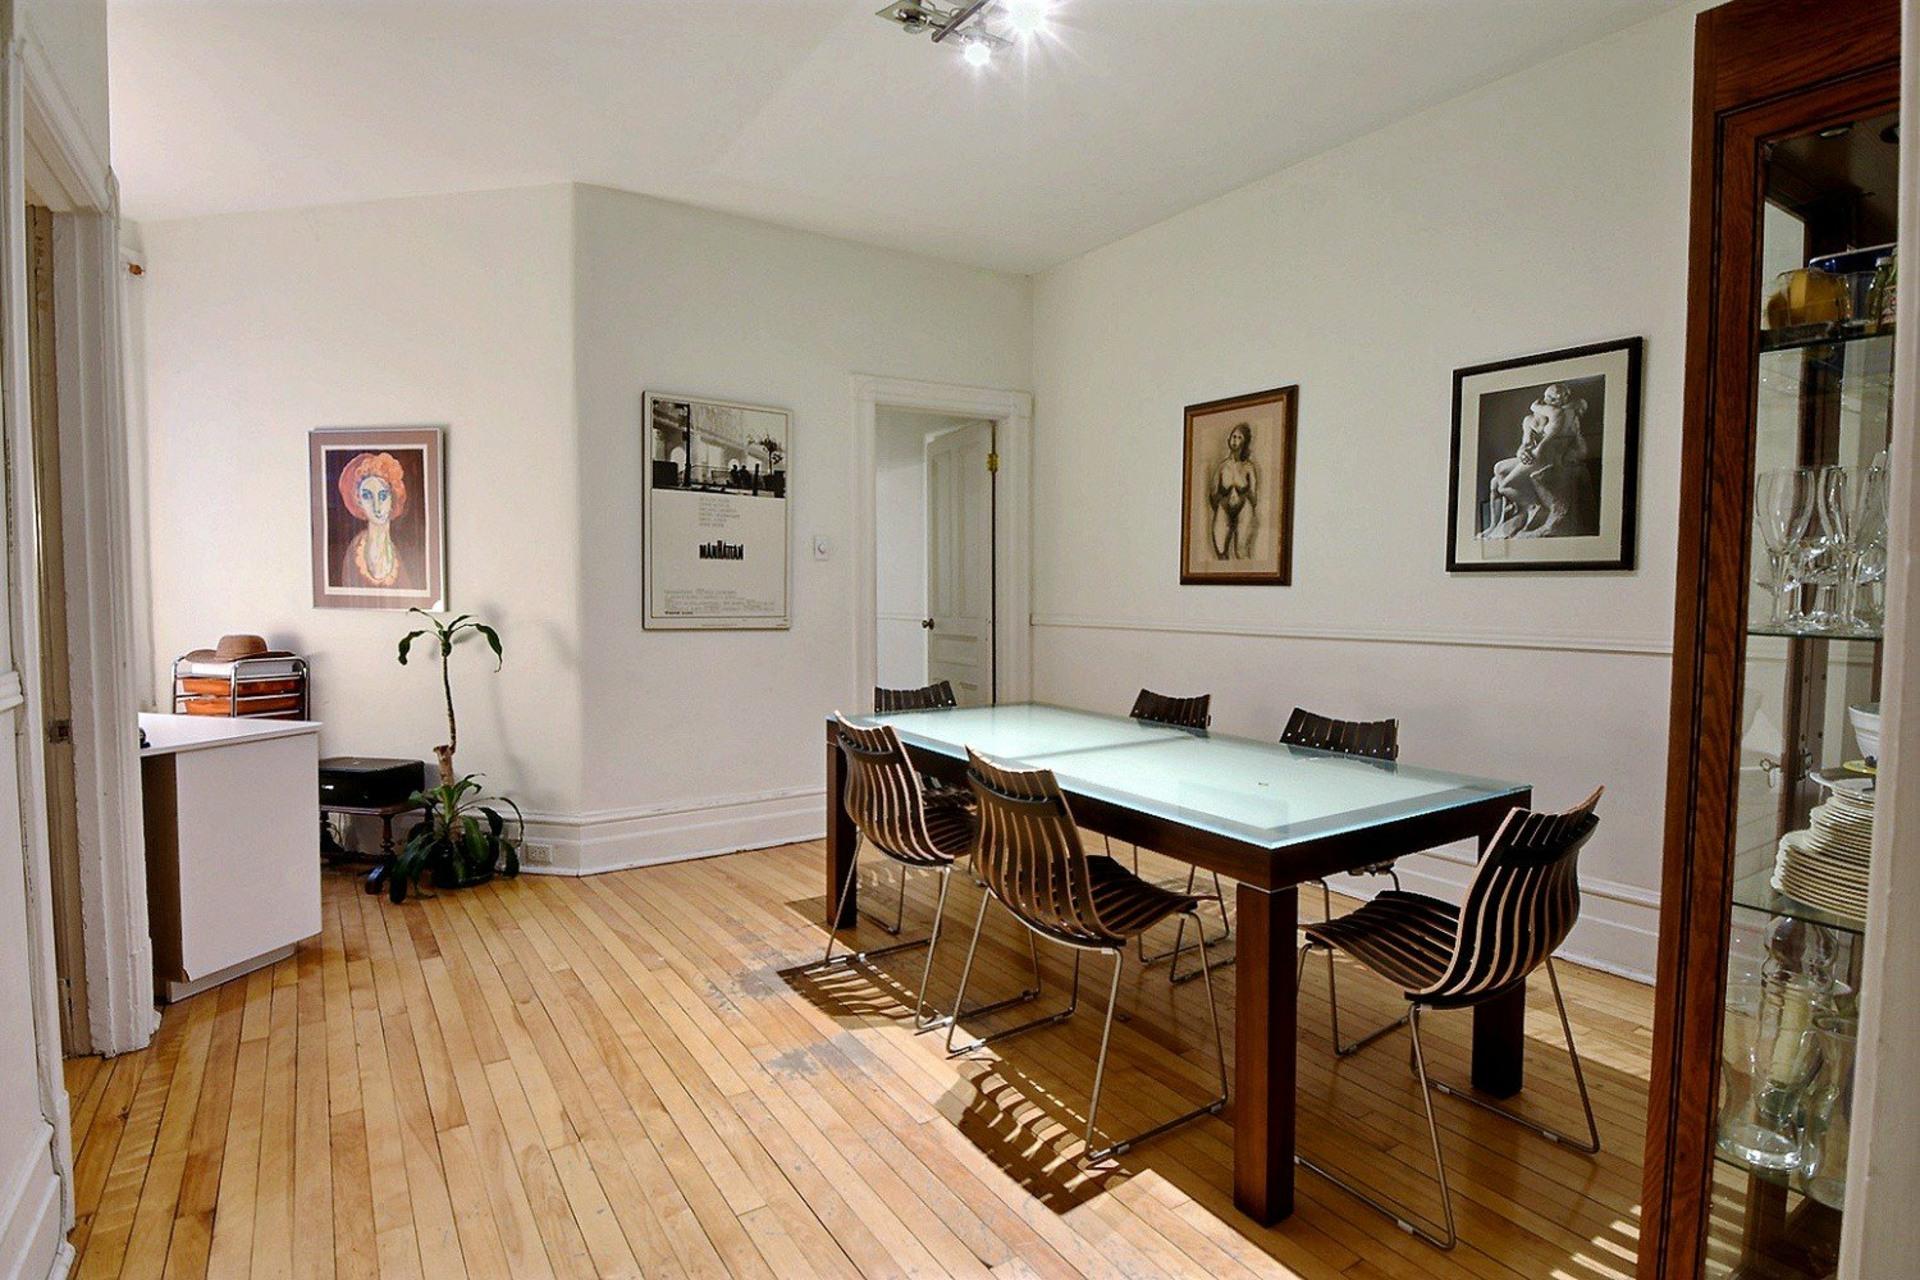 image 4 - Appartement À vendre Le Plateau-Mont-Royal Montréal  - 7 pièces